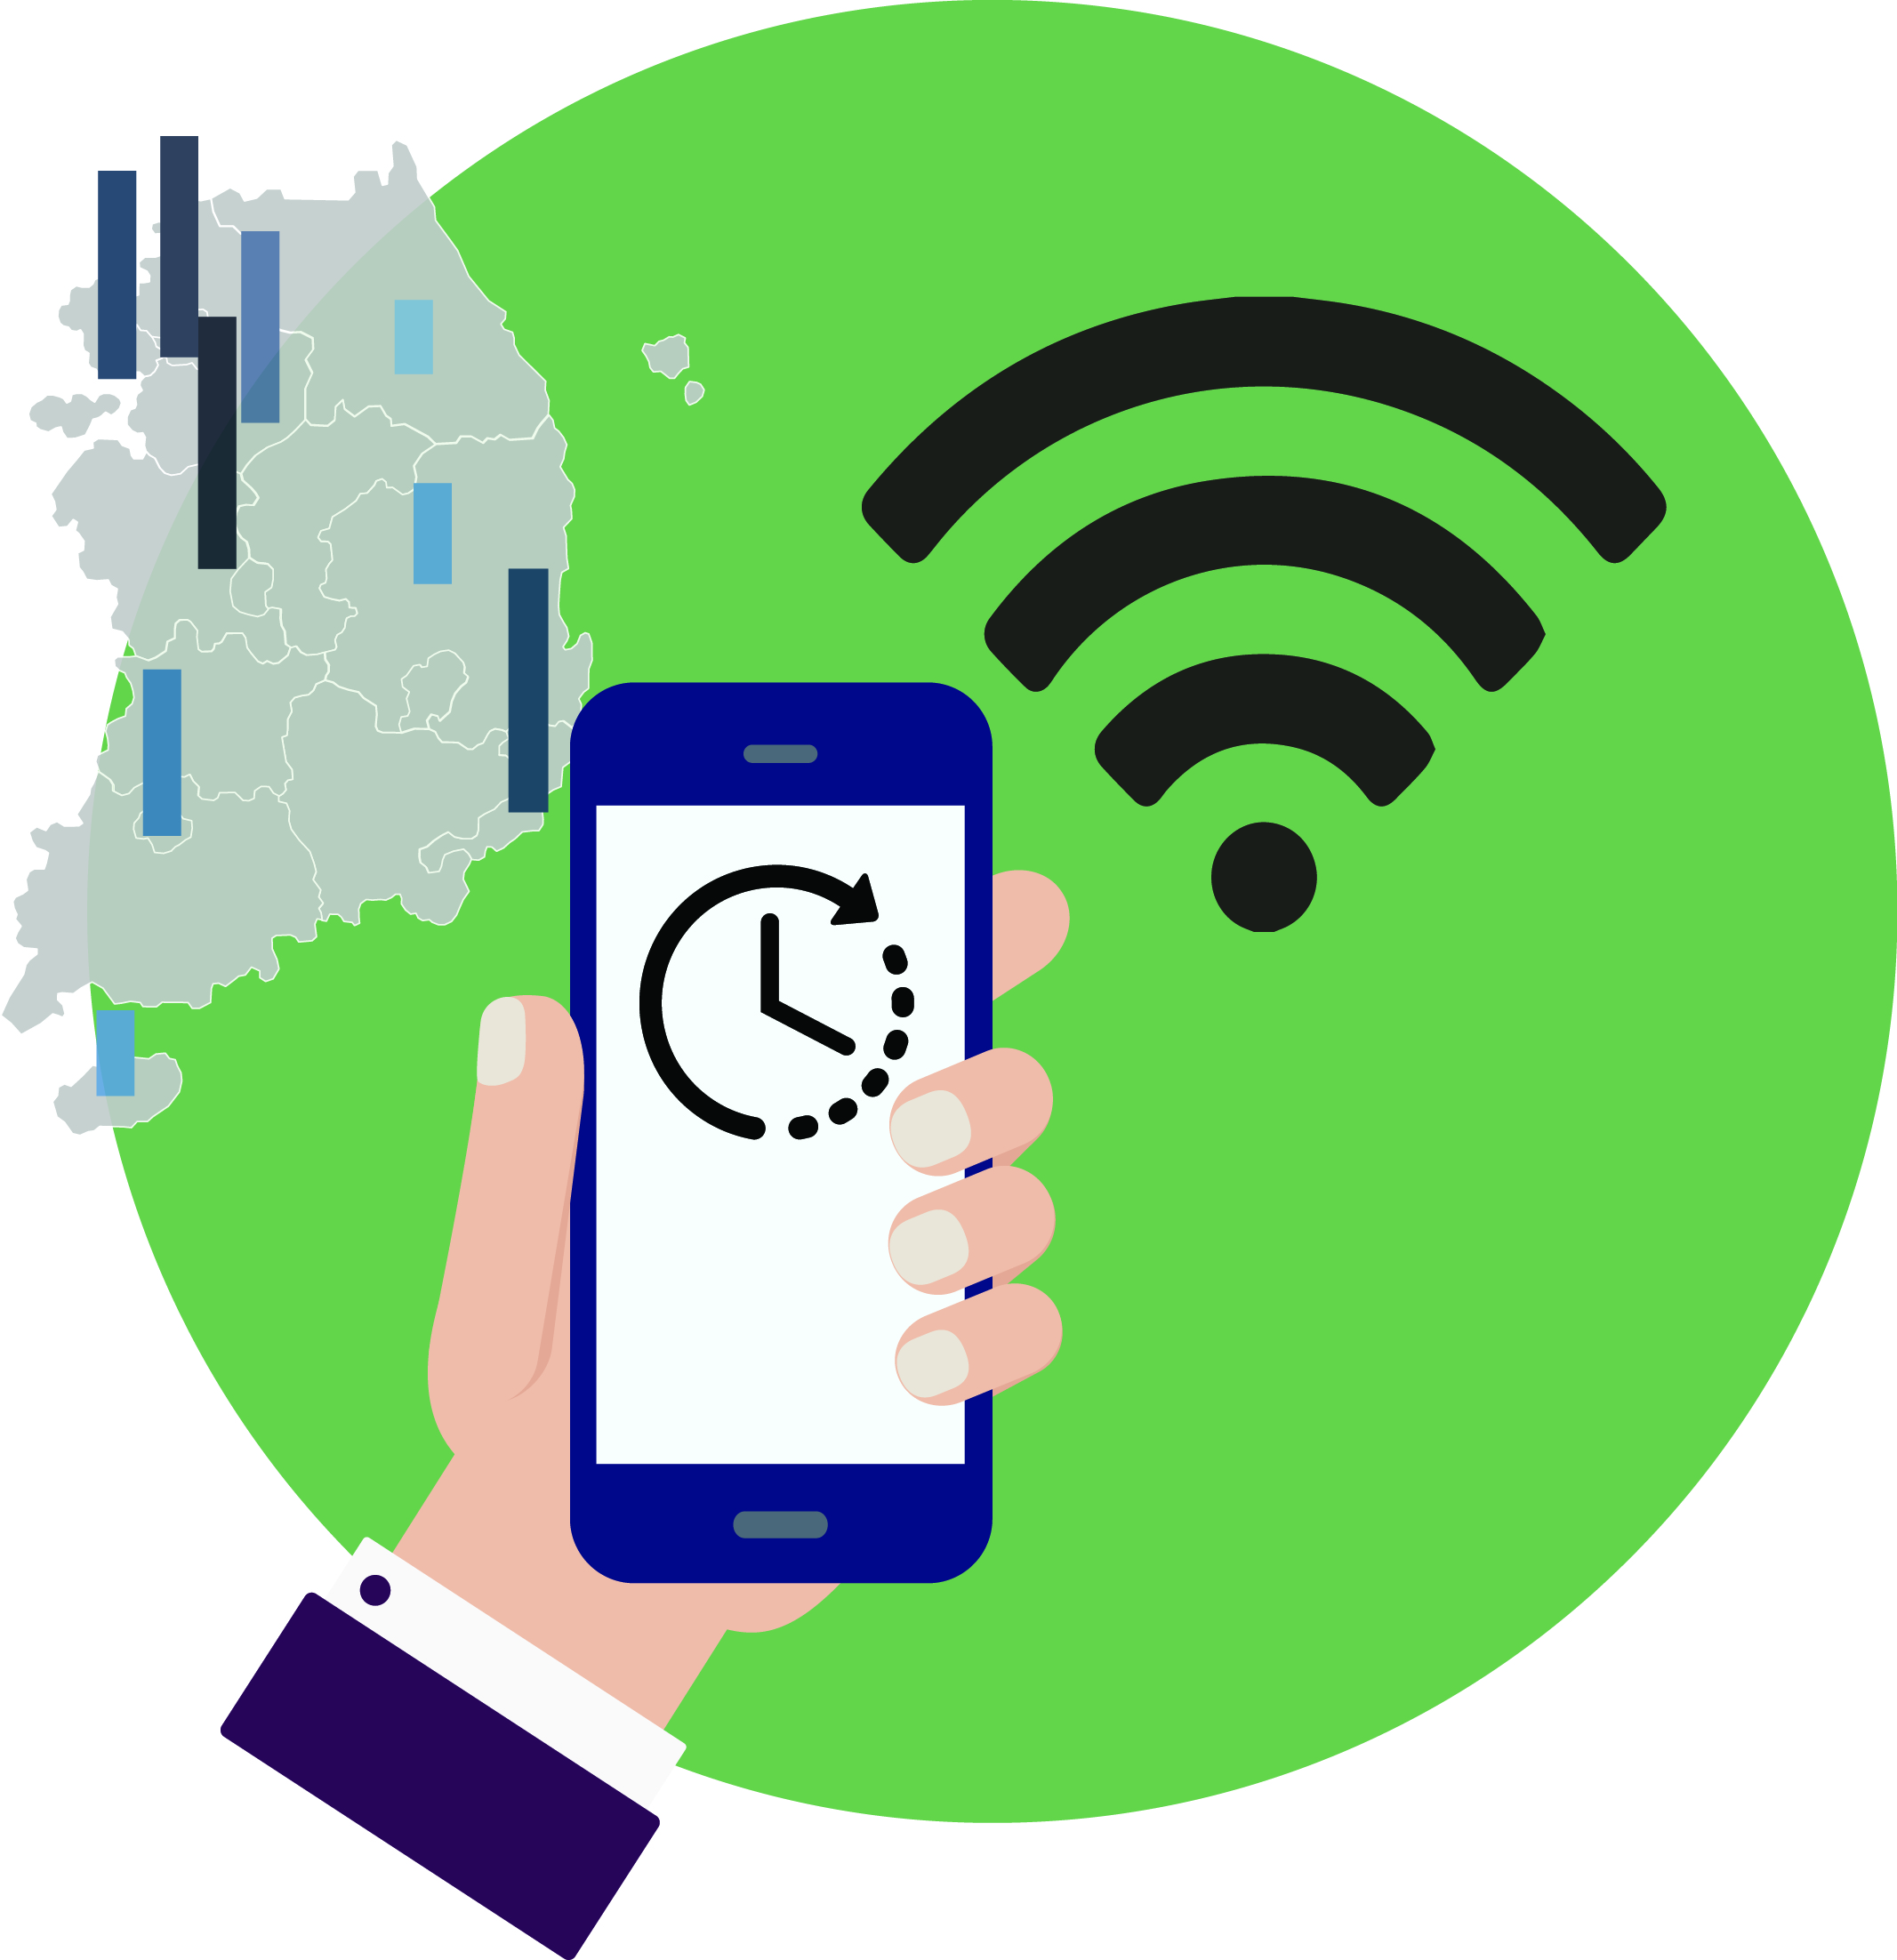 [통계실태조사] 모바일 인터넷 이용시간, 지역별 Wi-Fi 환경따라 큰 차이